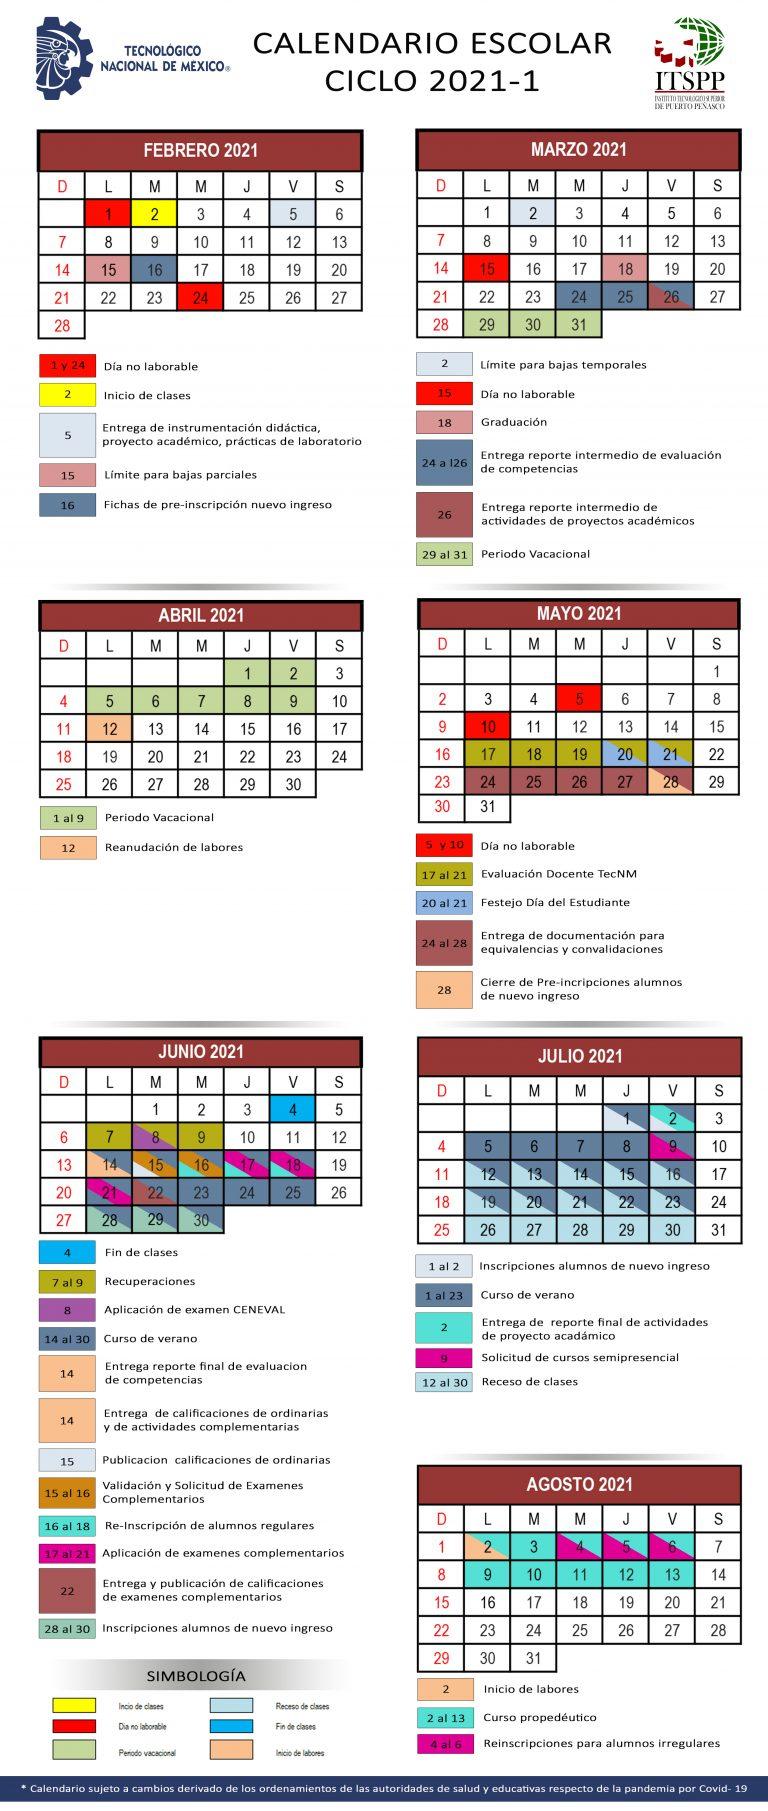 Calendario Escolar Ciclo Escolar 2021-1